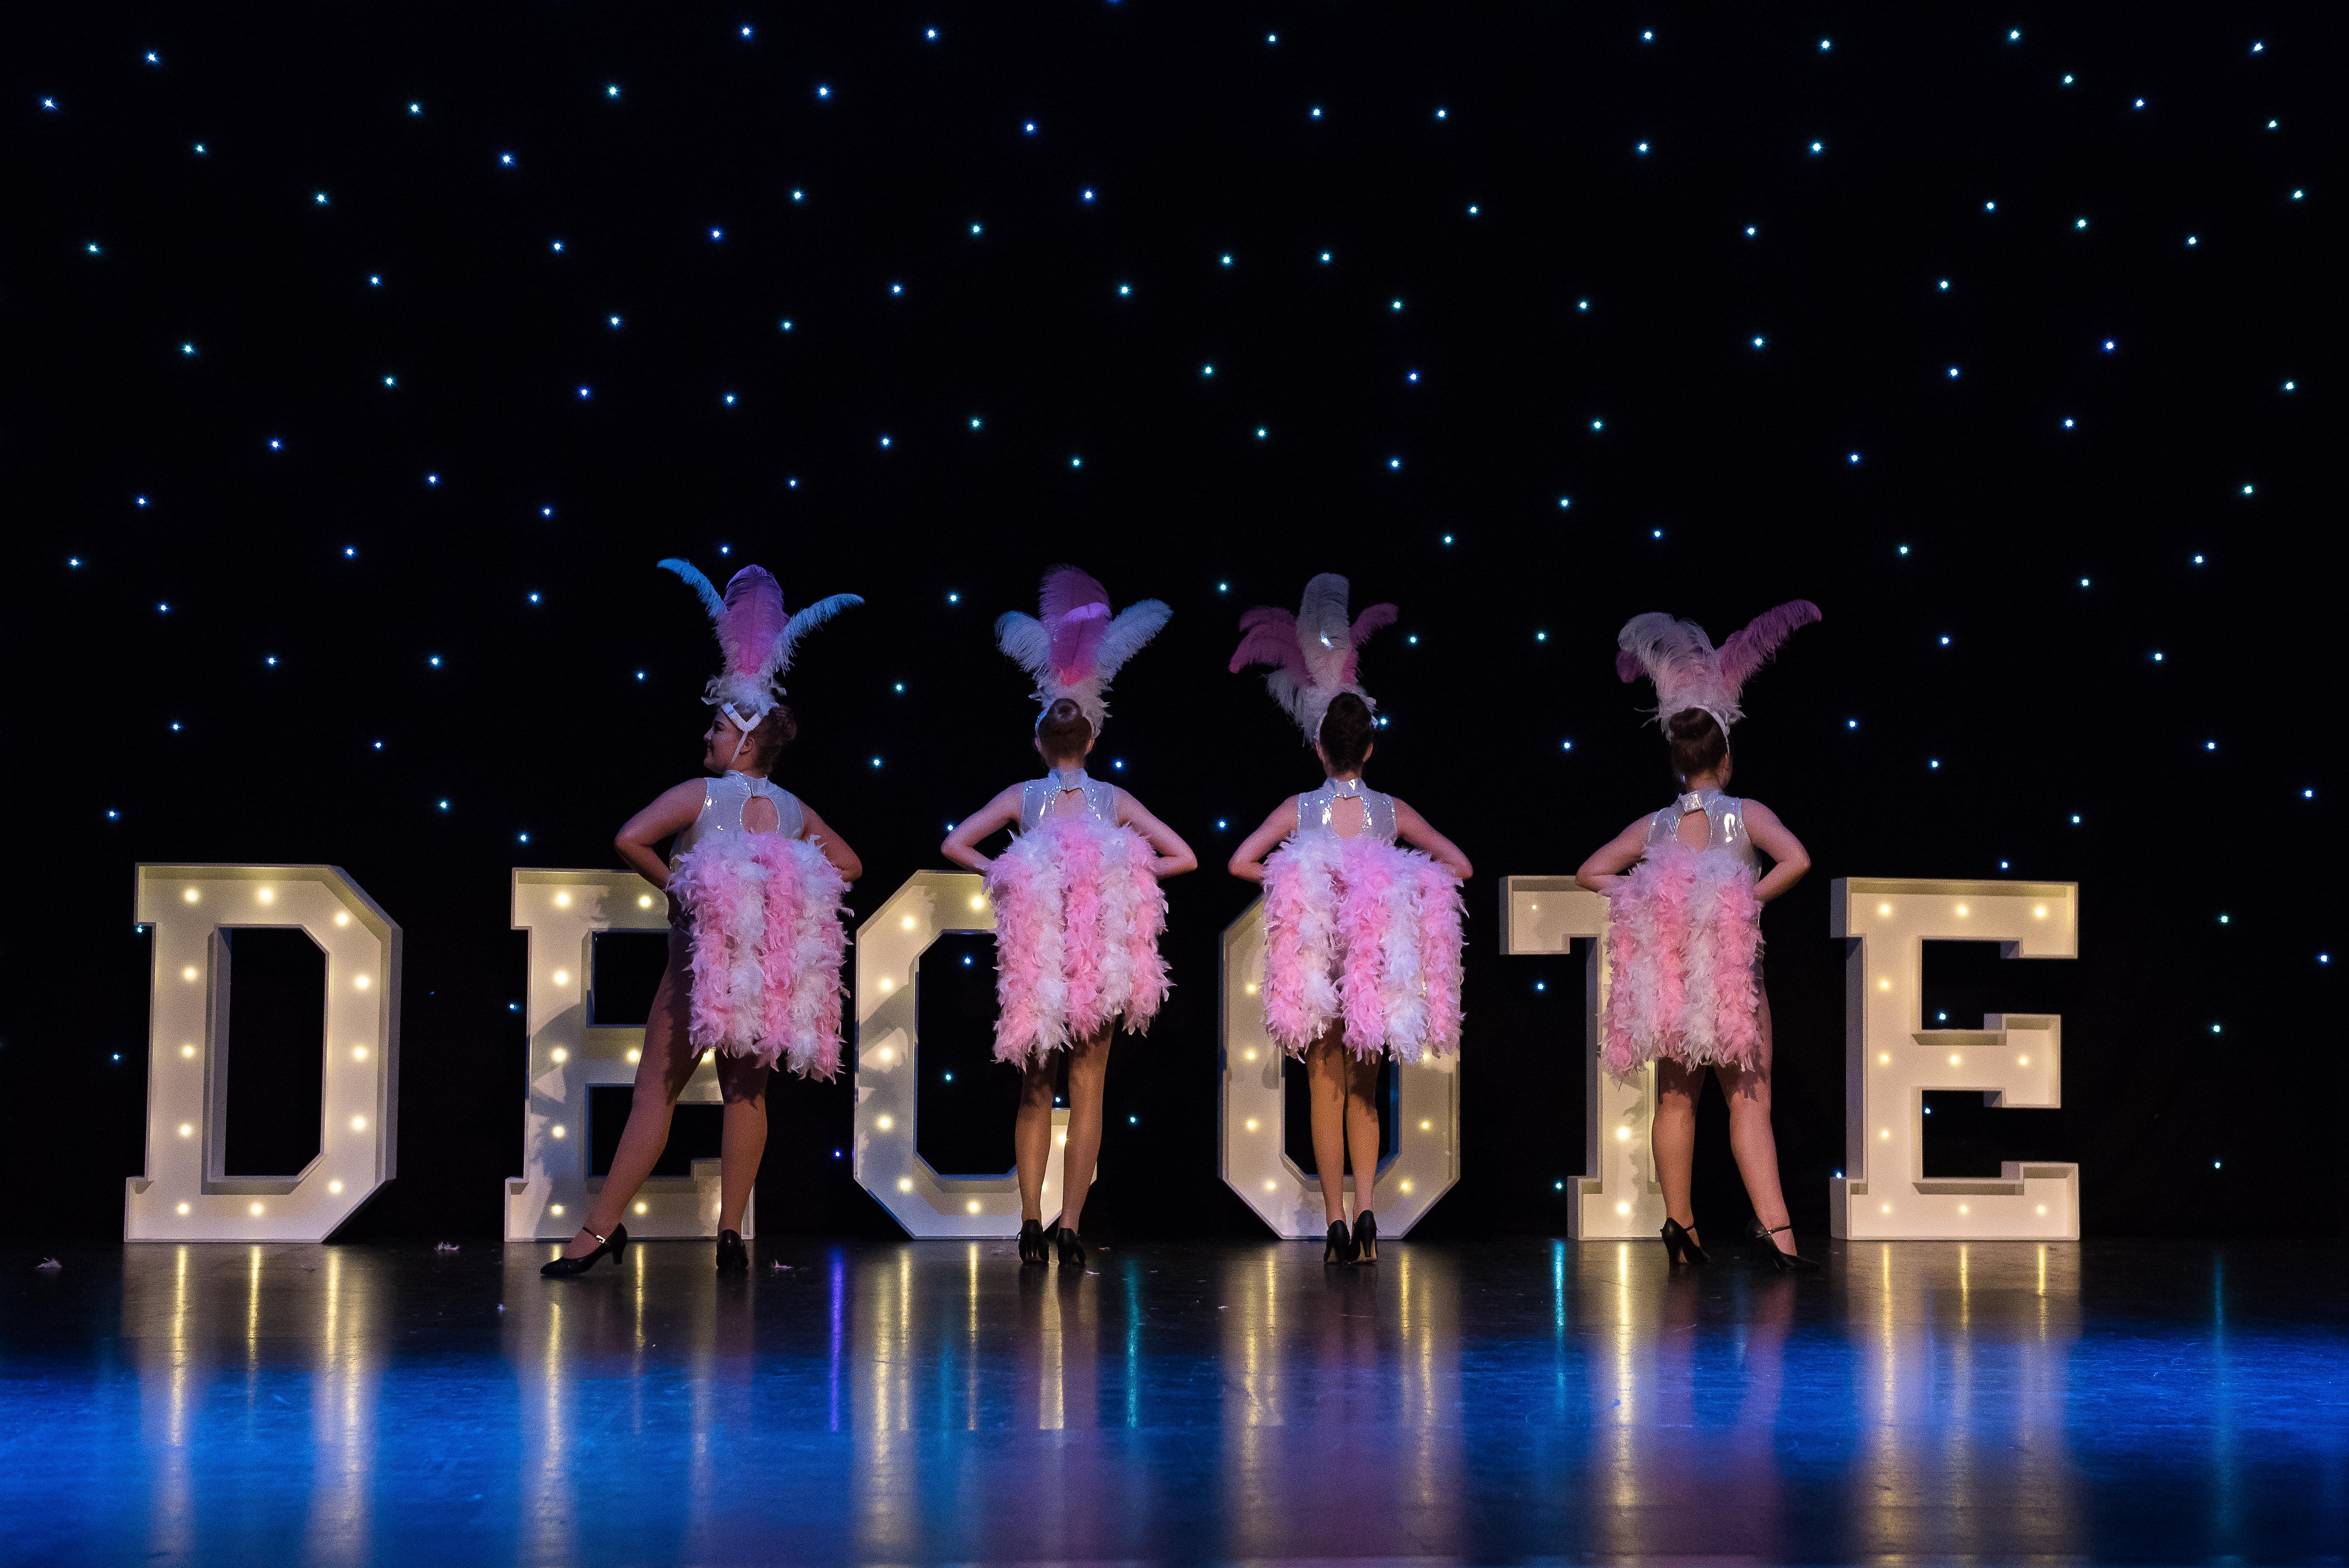 Decote Show Image 13